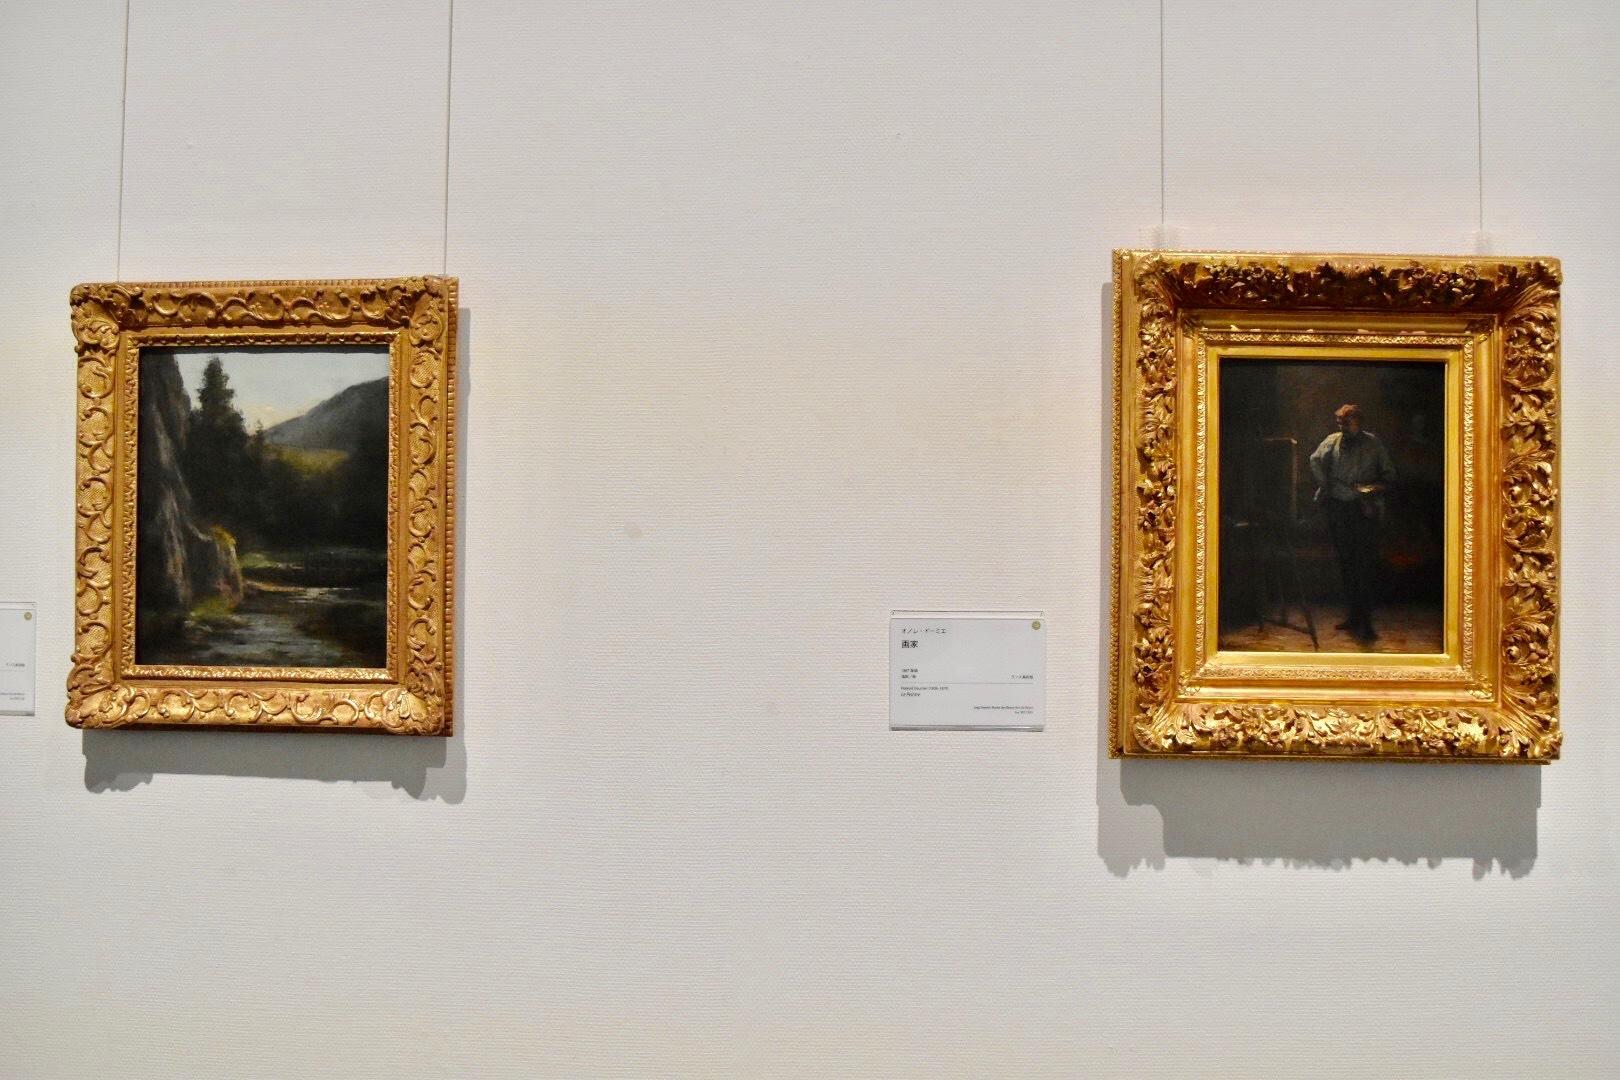 左:ギュスターヴ・クールベ 《岩壁、モミの木、小川》 ランス美術館蔵 右:オノレ・ドーミエ 《画家》 1867年頃 ランス美術館蔵